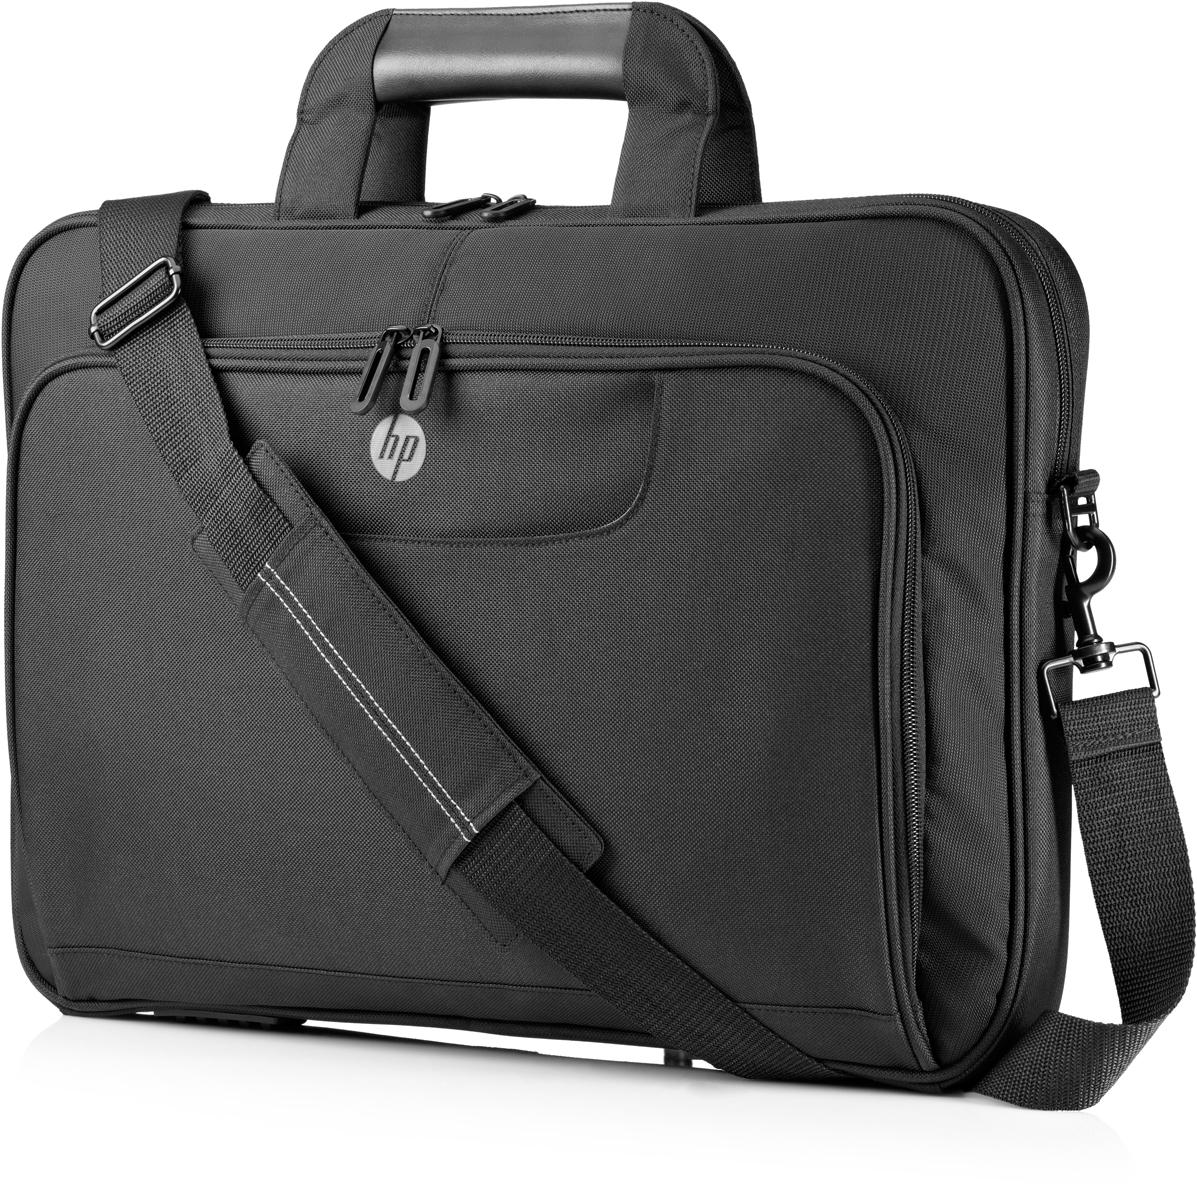 HP Value Top Load сумка для ноутбука 18, Black (QB683AA) аккумулятор для ноутбука hp compaq hstnn lb12 hstnn ib12 hstnn c02c hstnn ub12 hstnn ib27 nc4200 nc4400 tc4200 6cell tc4400 hstnn ib12